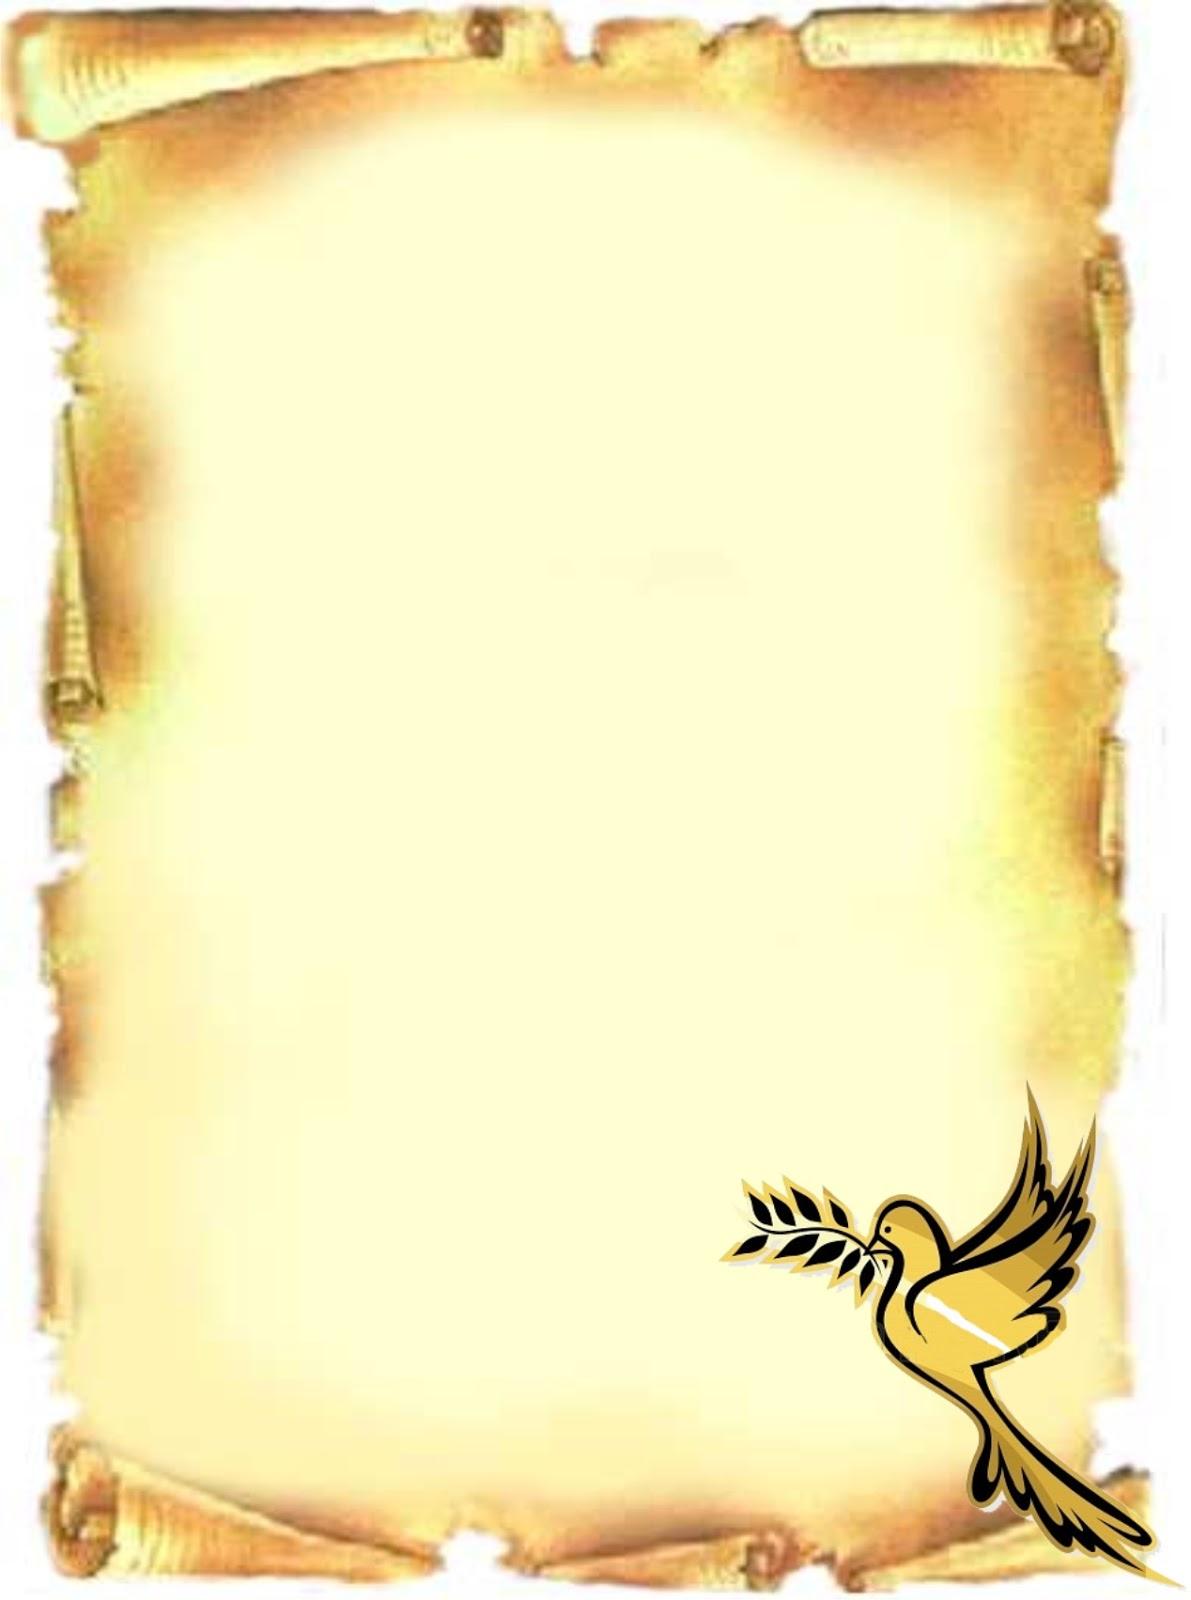 Caratulas escolares en pergamino - Imagui